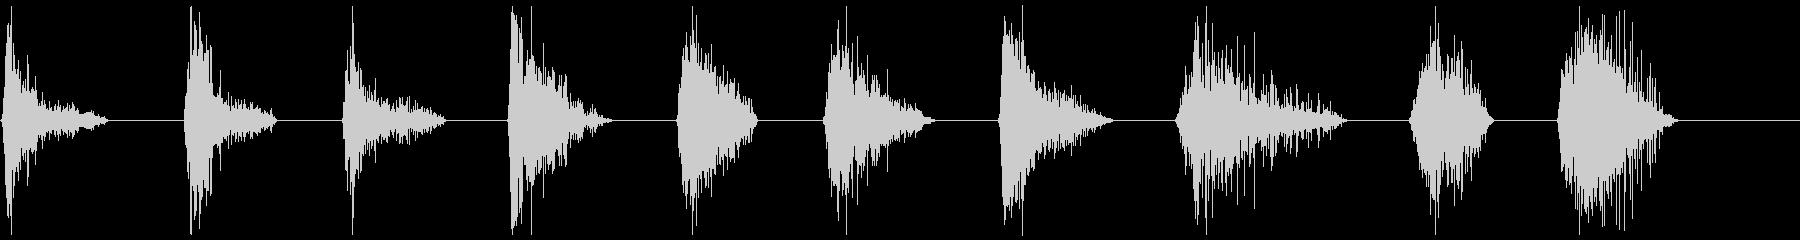 モンスターブレスロア11-20の未再生の波形